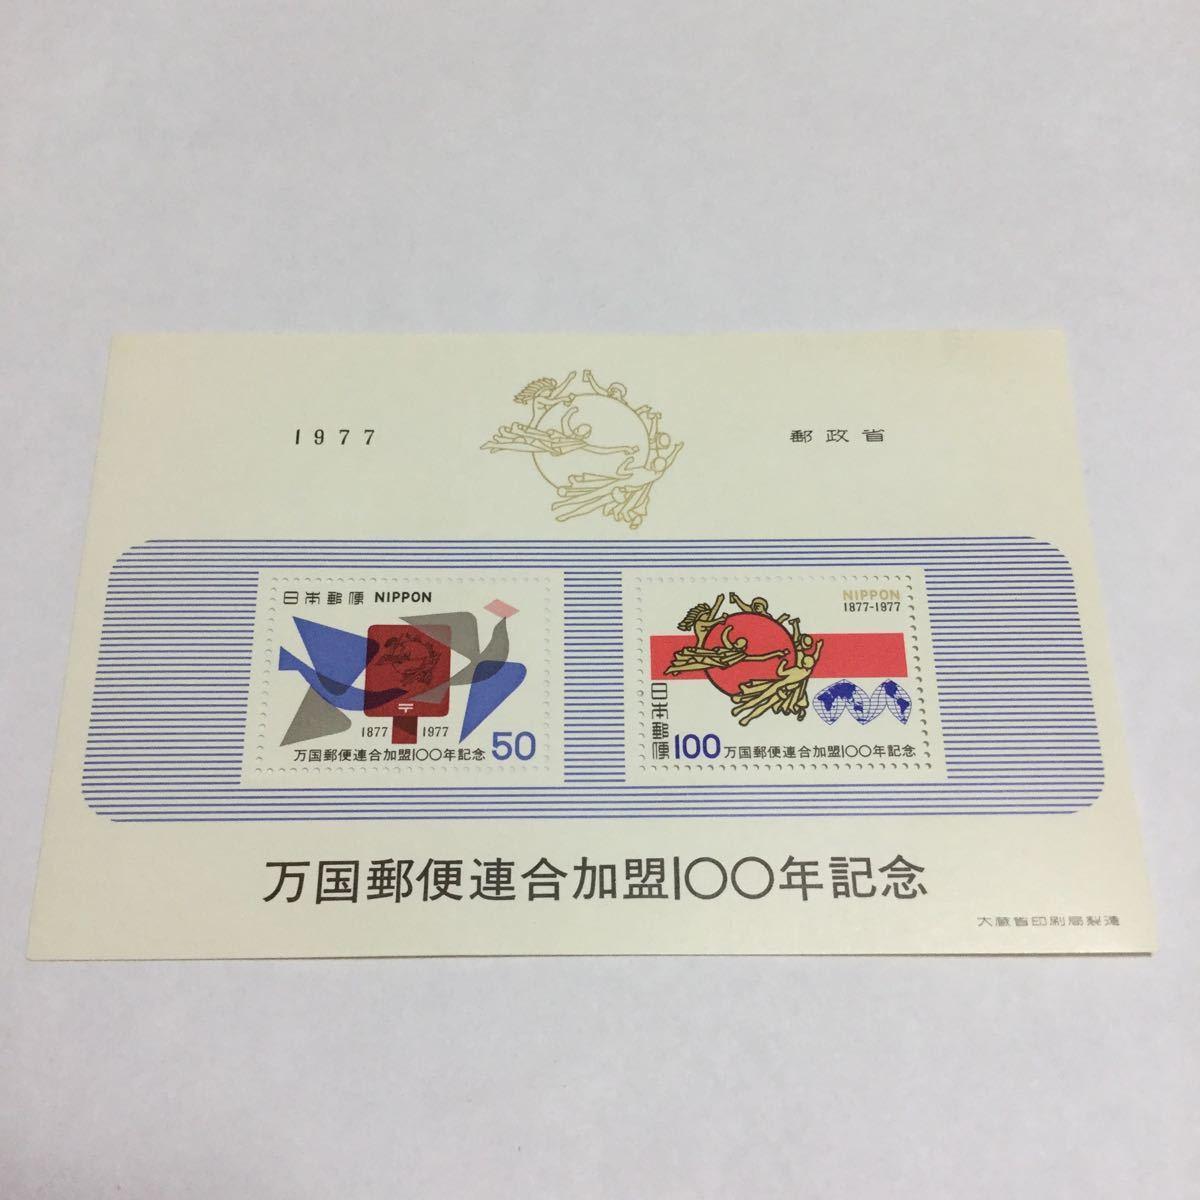 【未使用】万国郵便連合加盟100年記念 切手シート 1977年 記念切手 大蔵省印刷局製造 小型シート 50円 100円_画像1